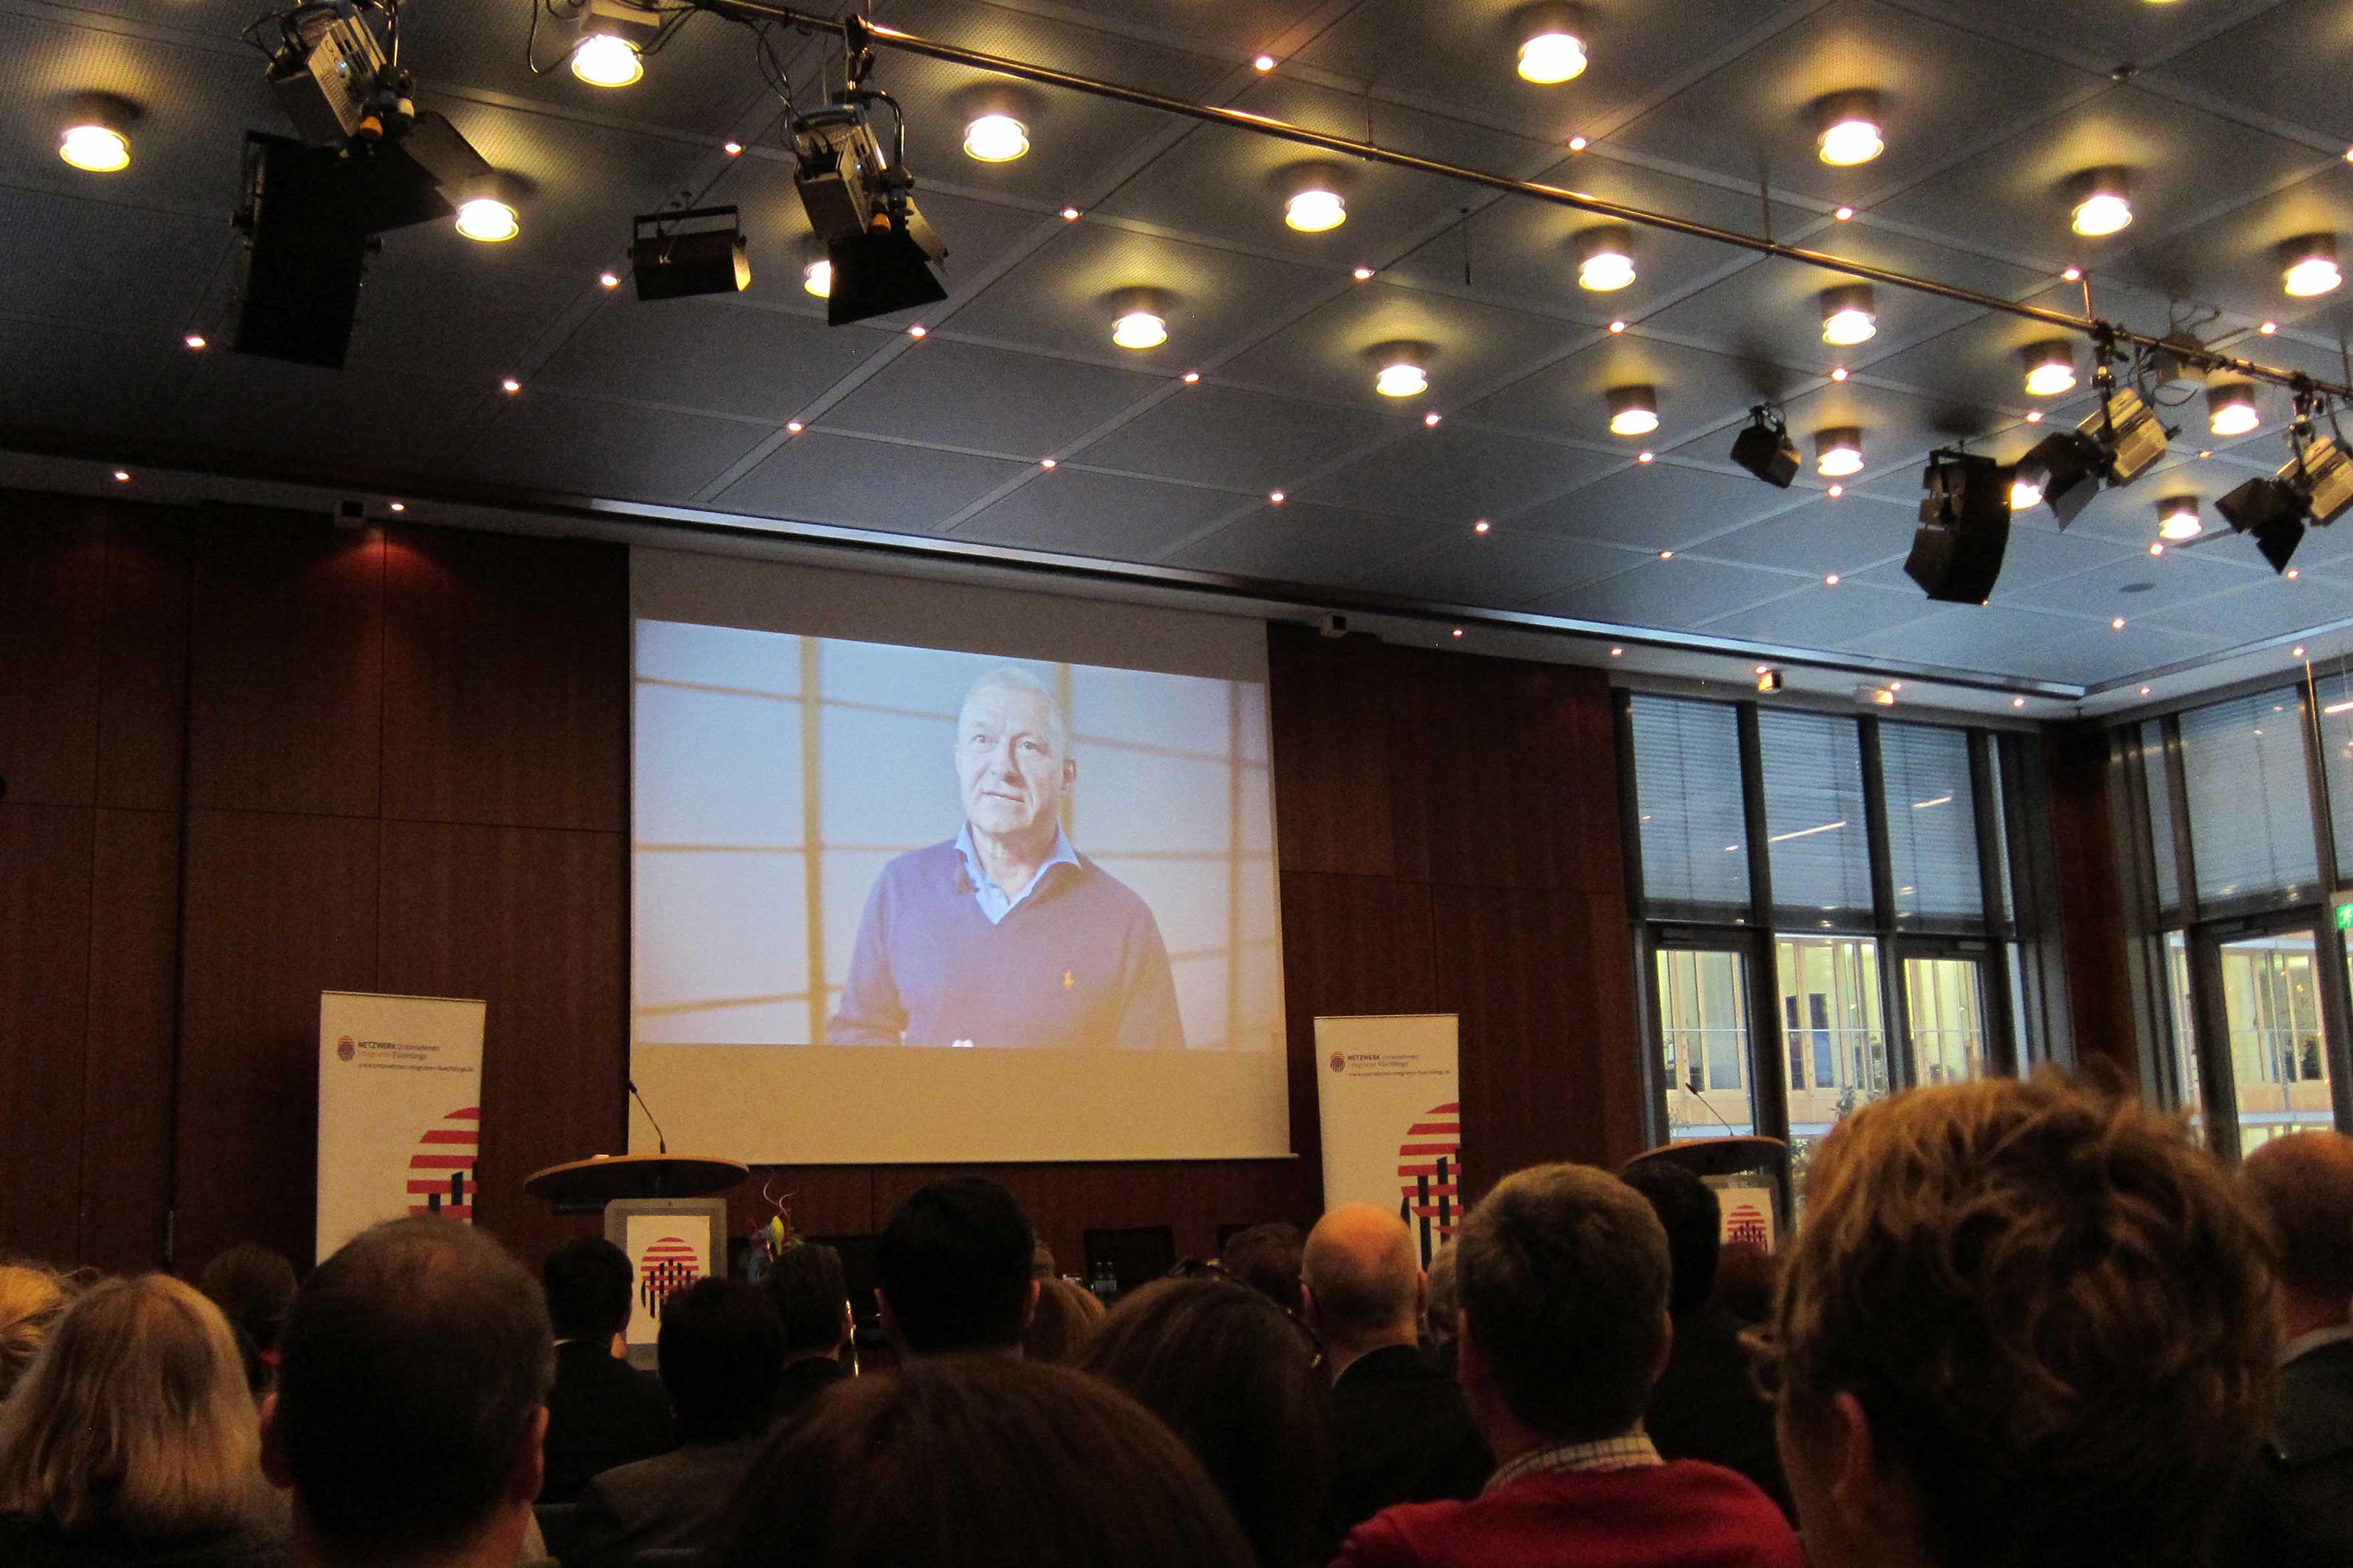 NETZWERK-Tagung In Berlin Zeigt Film über Fahland